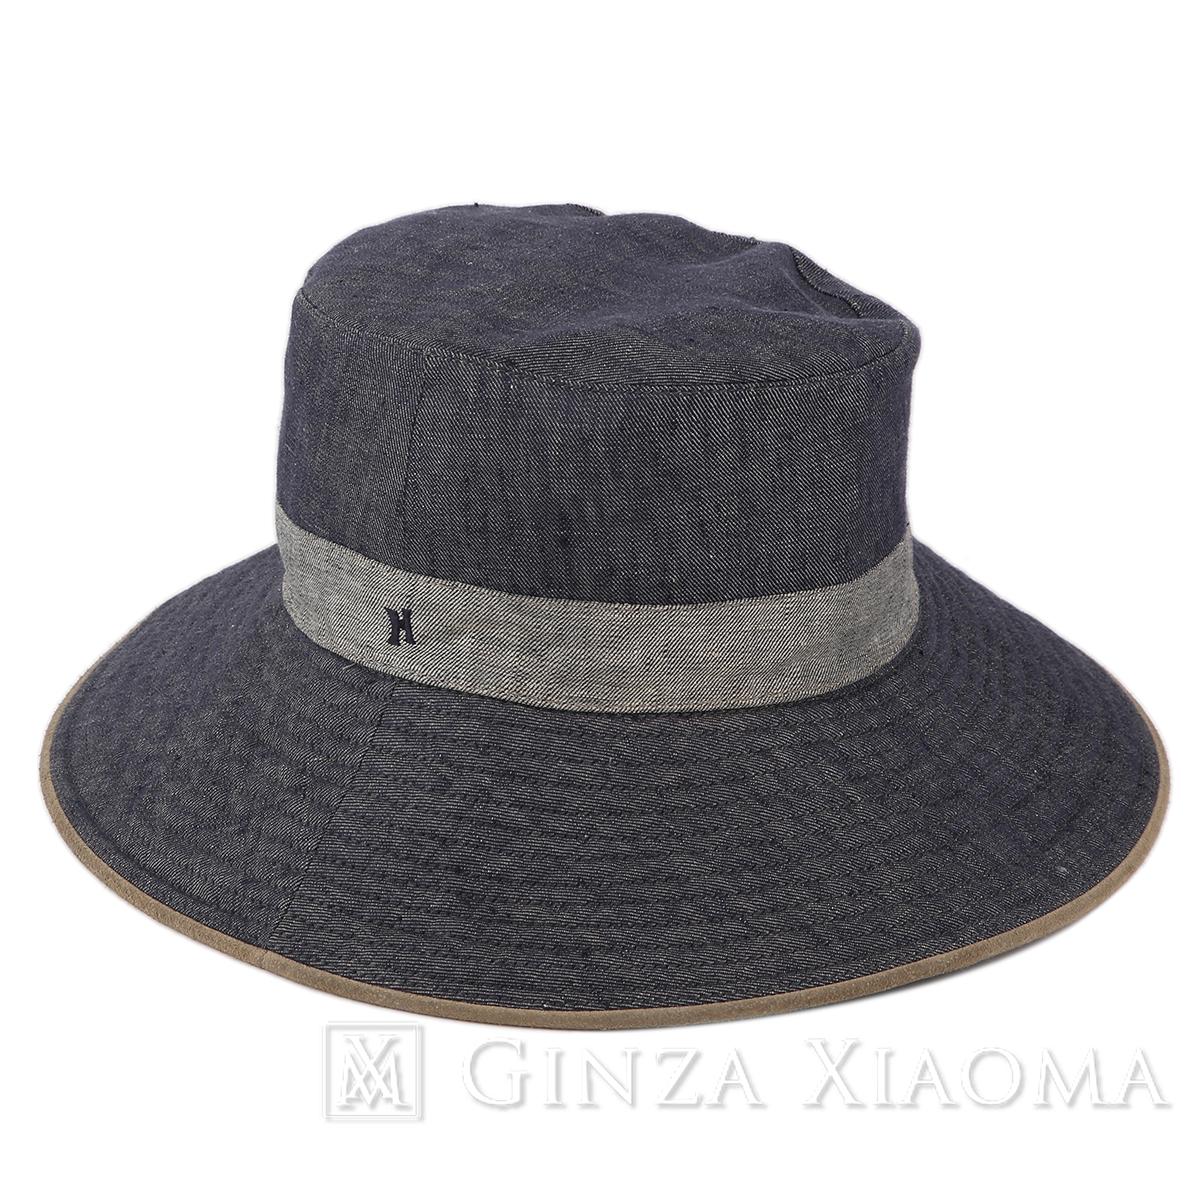 【美品】HERMES エルメス ハット ネイビー コットン リネン サイズ57 リネン ブルーグレー 帽子